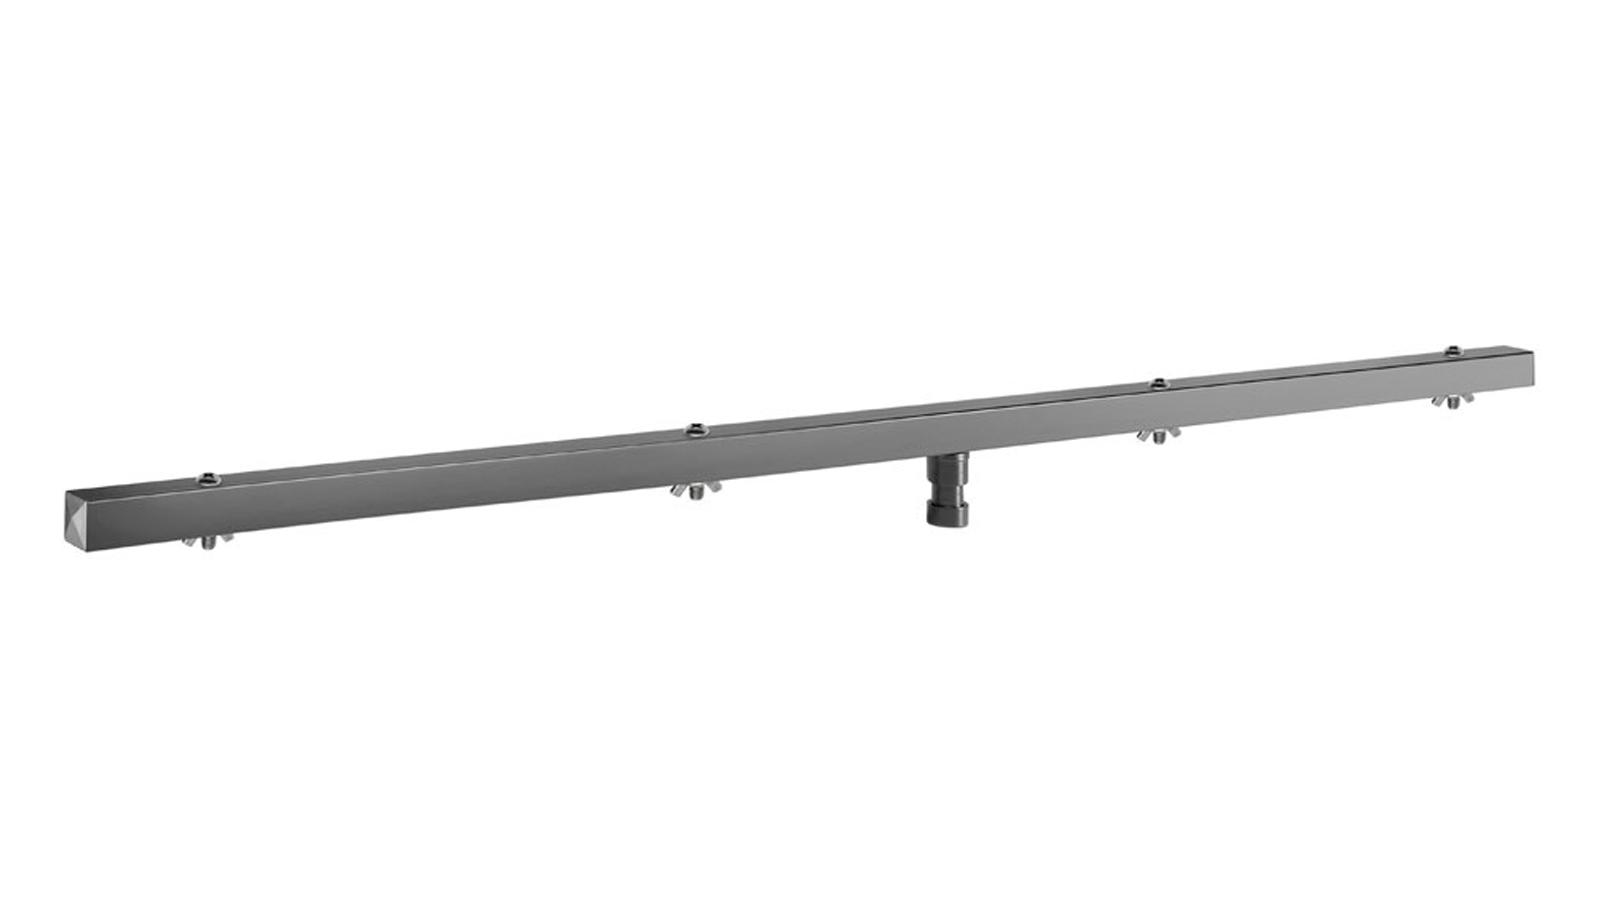 Adam Hall Querträger mit 28 mm TV-Zapfen für Lichtstative